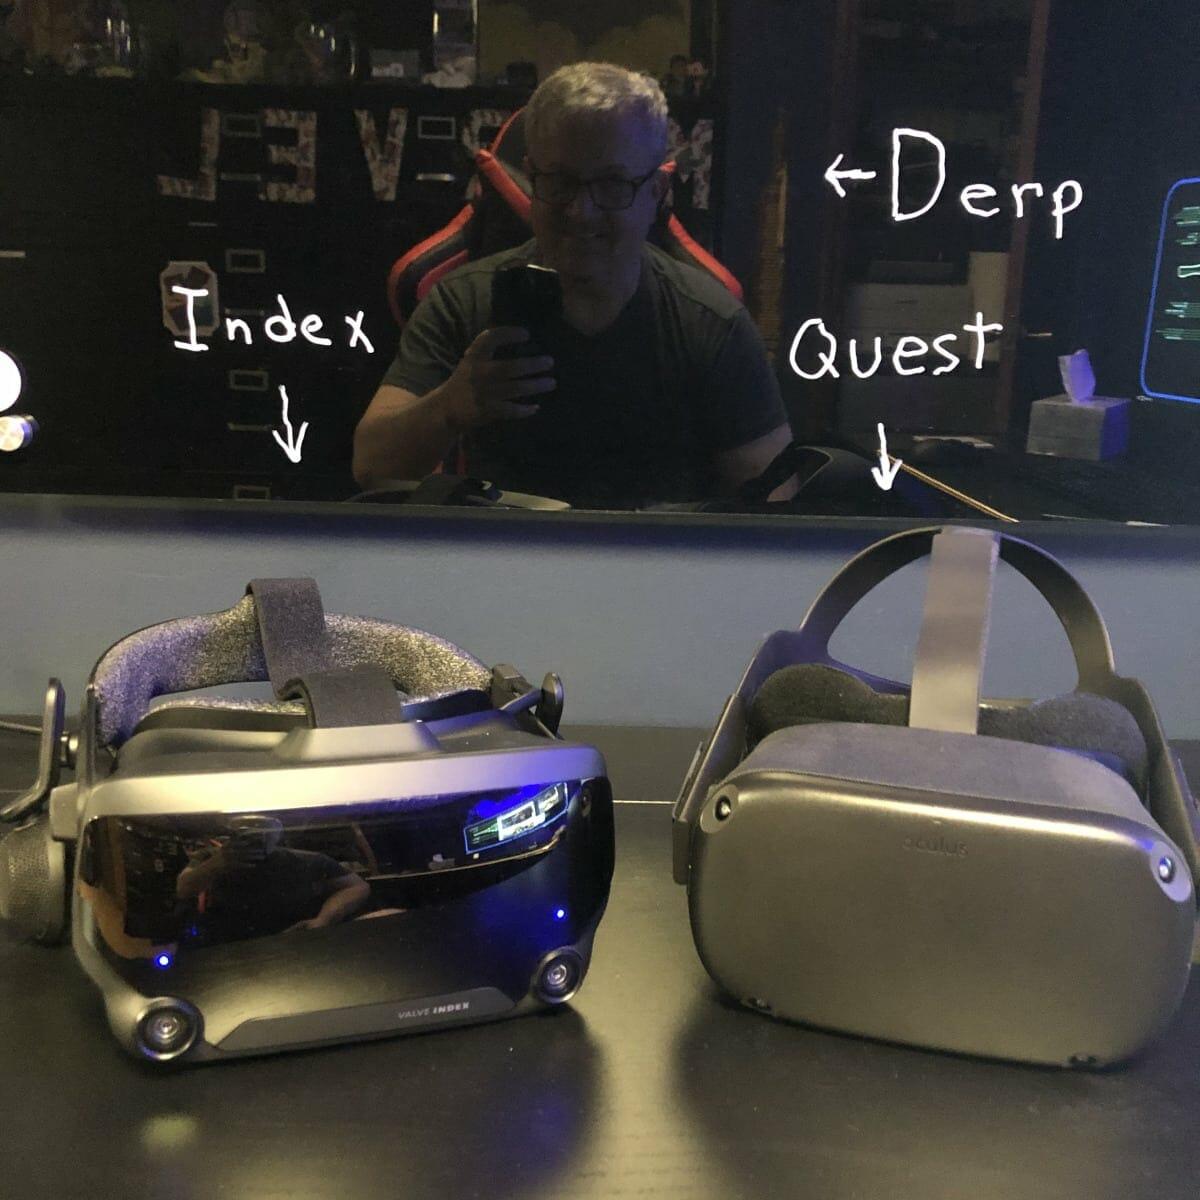 Valve Index and Oculus Quest